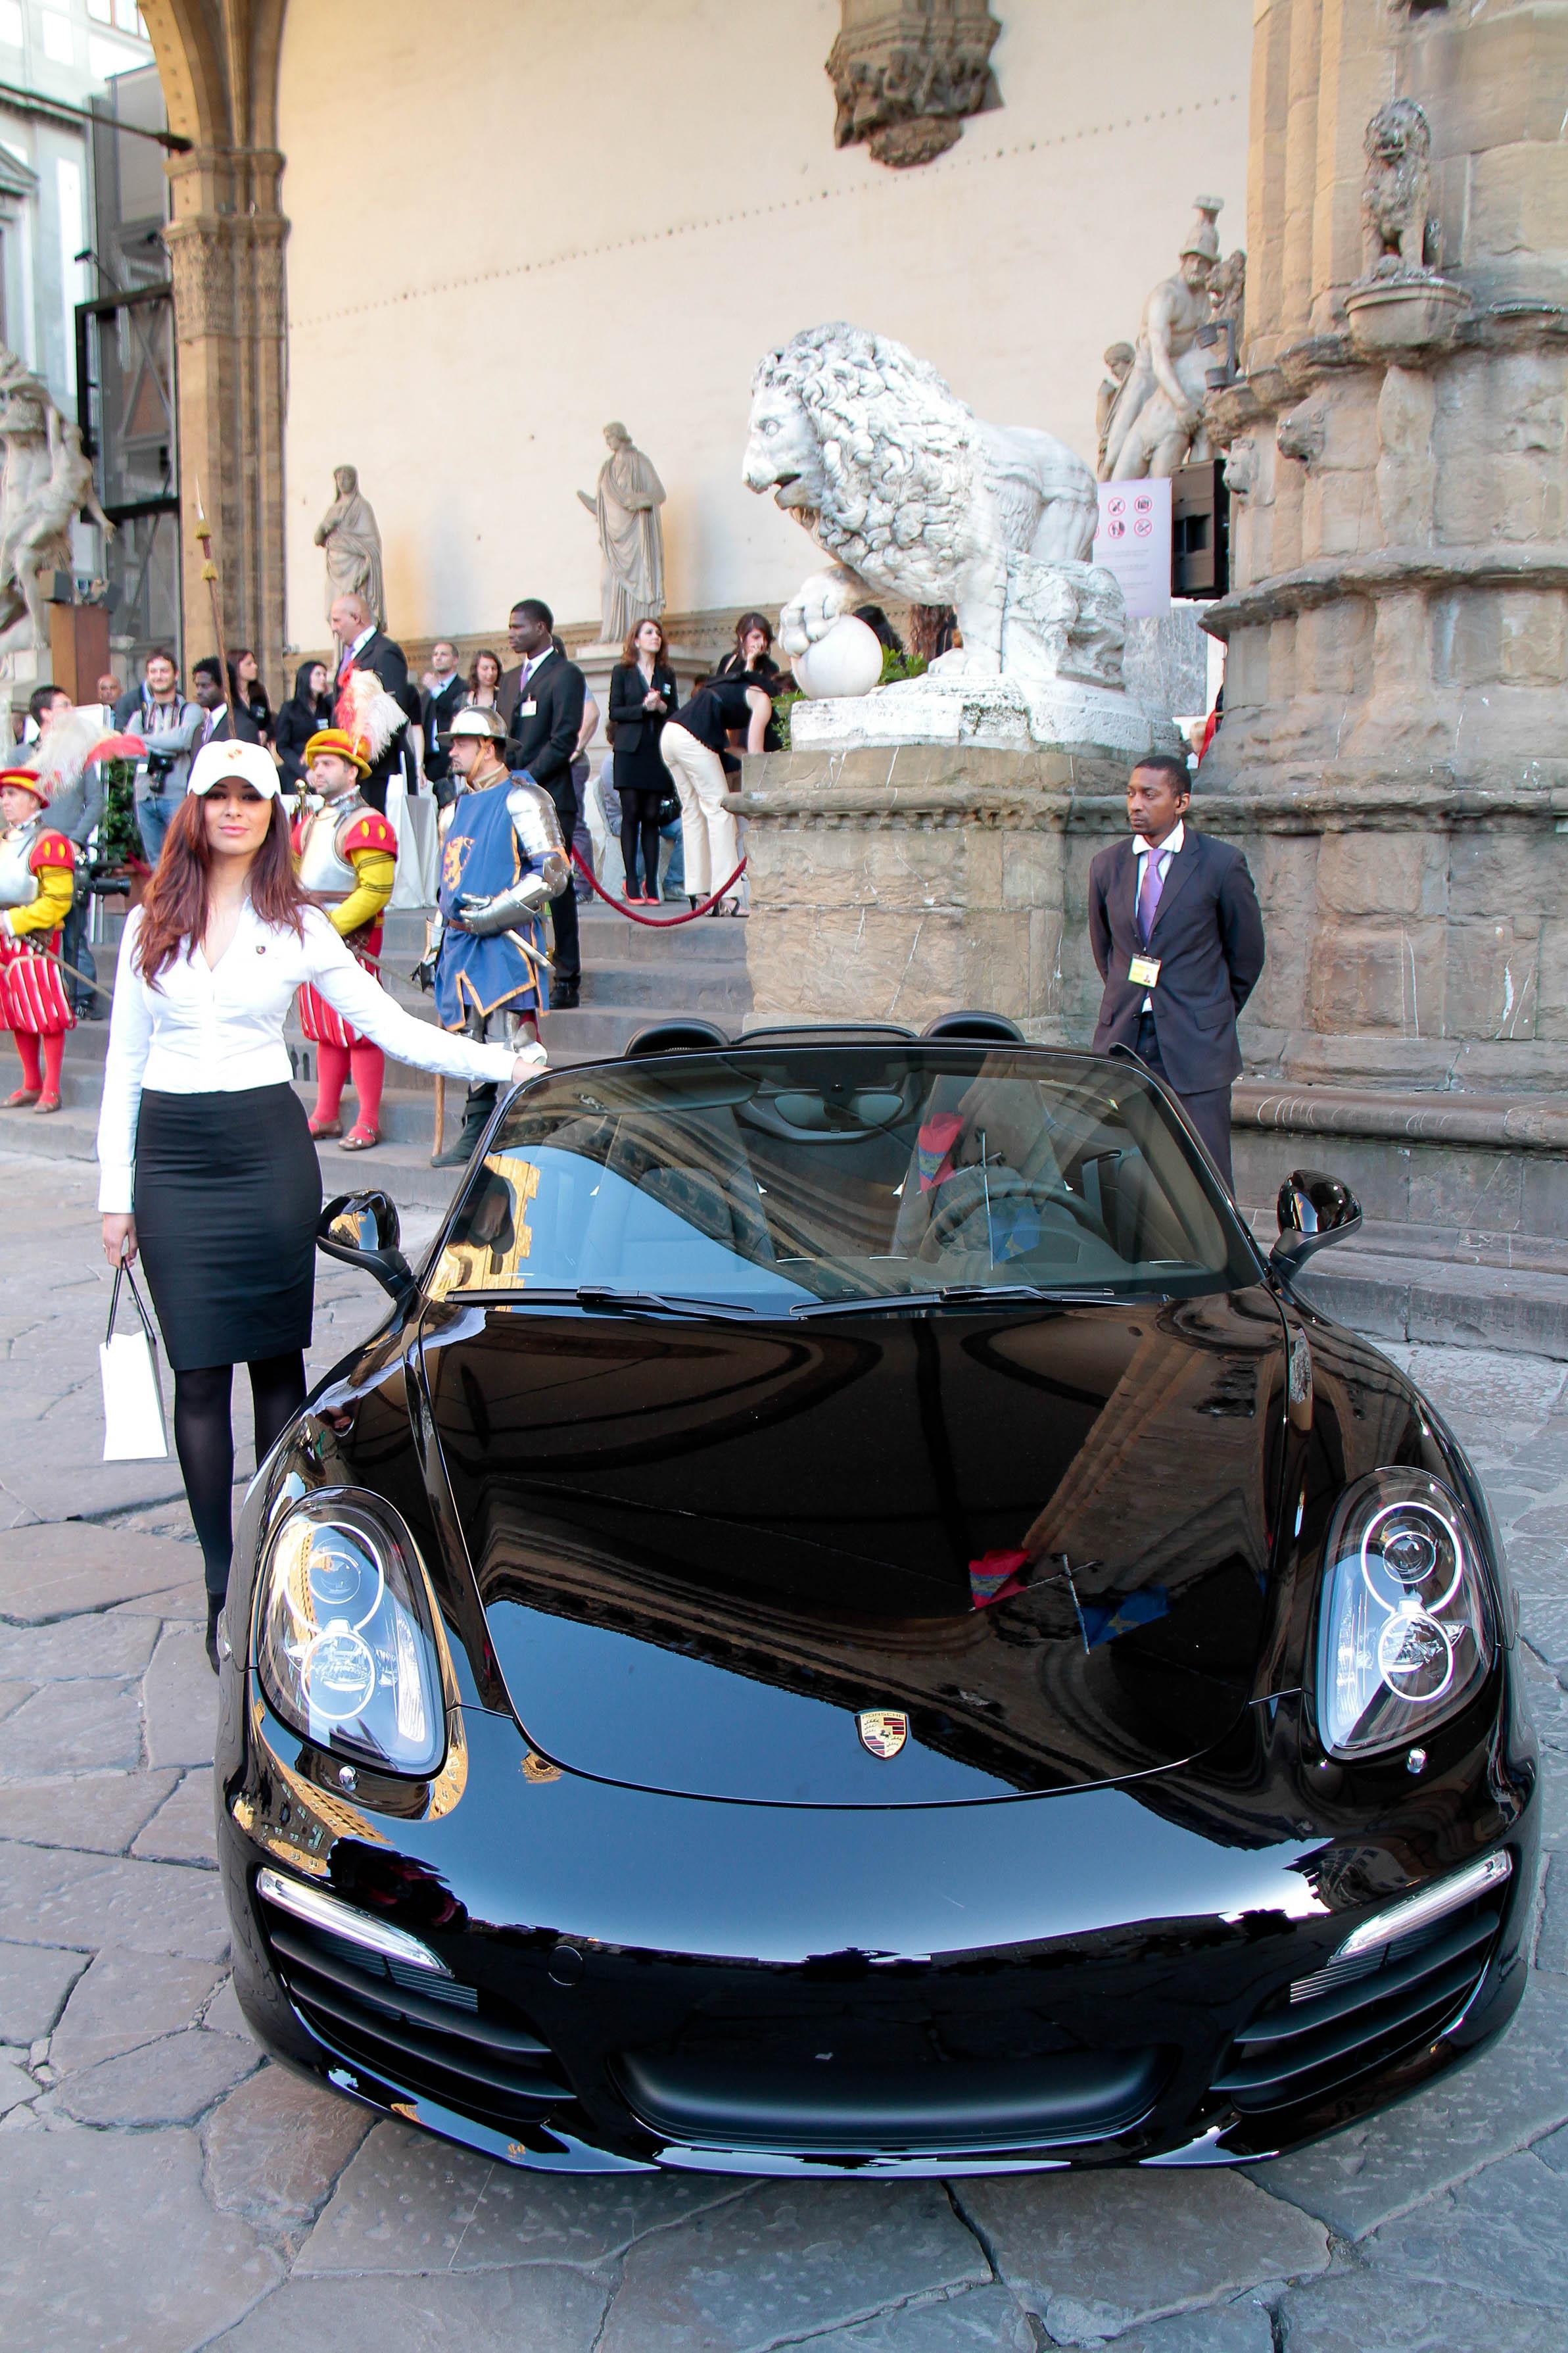 PRESSPHOTO Firenze, Loggia dei Lanzi, asta benefica per ANT organizzata da Farsetti. Nella foto Porsche Giuseppe Cabras/New Press Photo